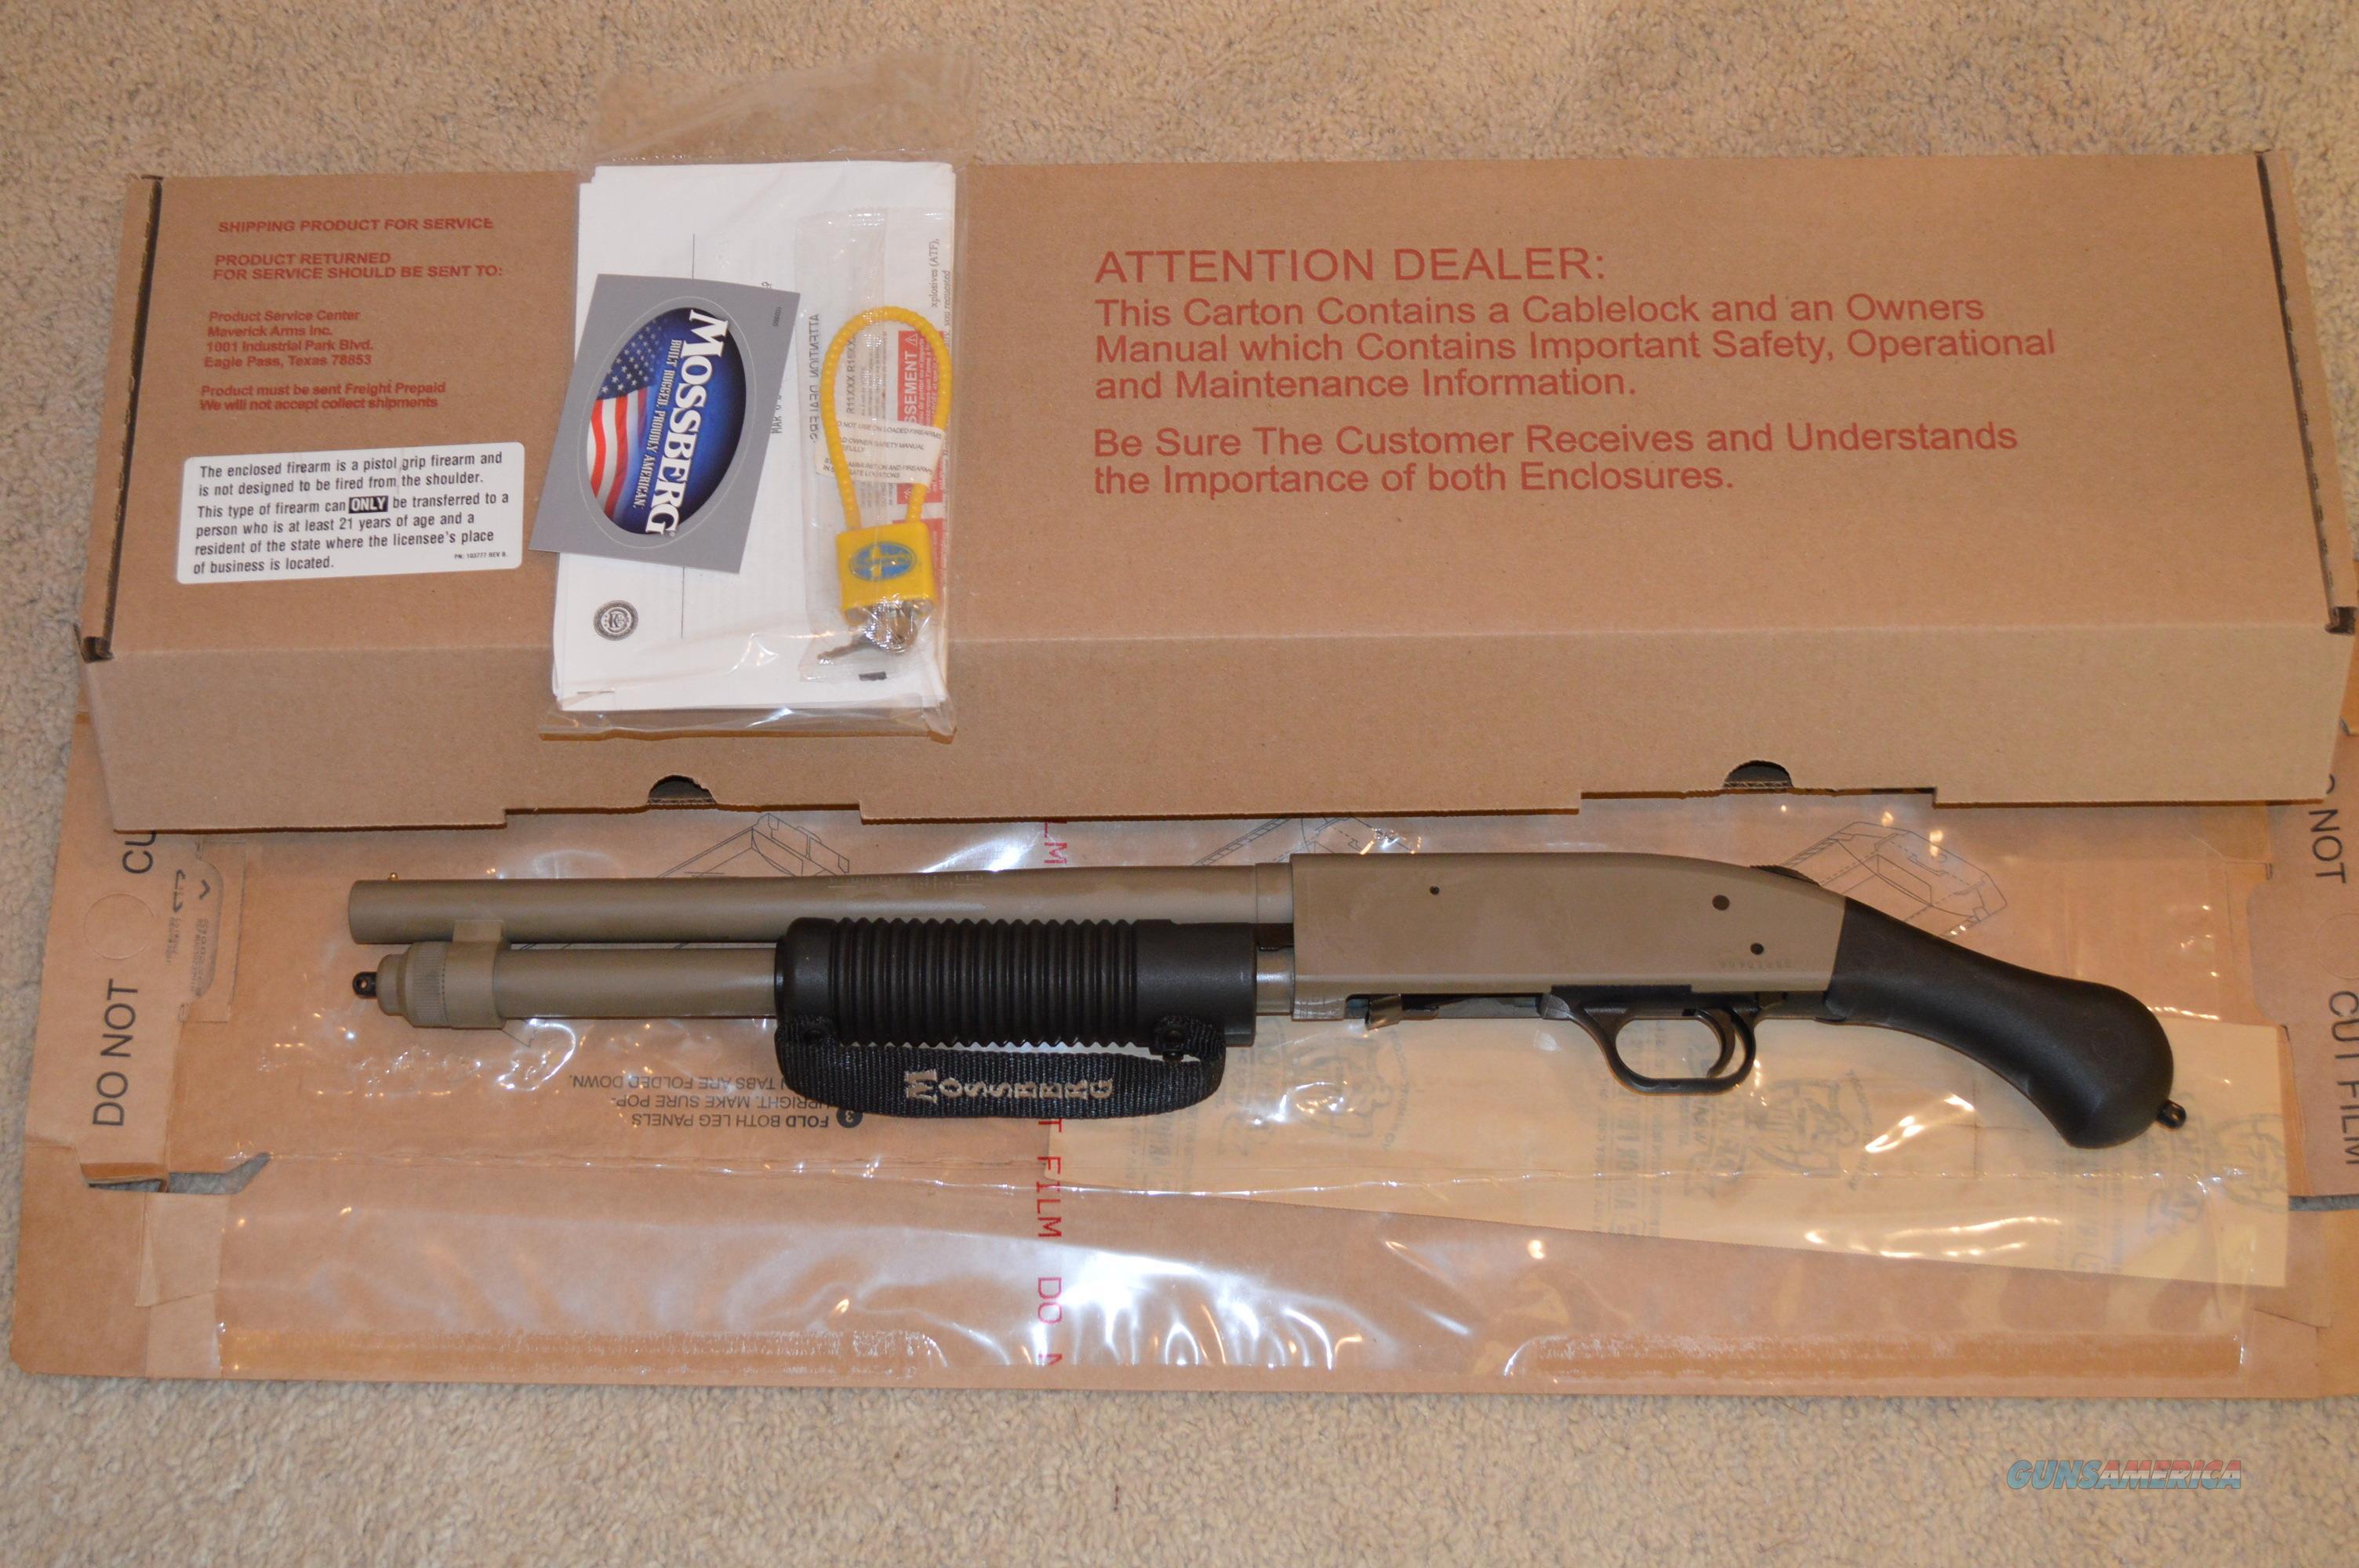 SALE! Mossberg 590 Shockwave FDE  Guns > Shotguns > Mossberg Shotguns > Pump > Tactical